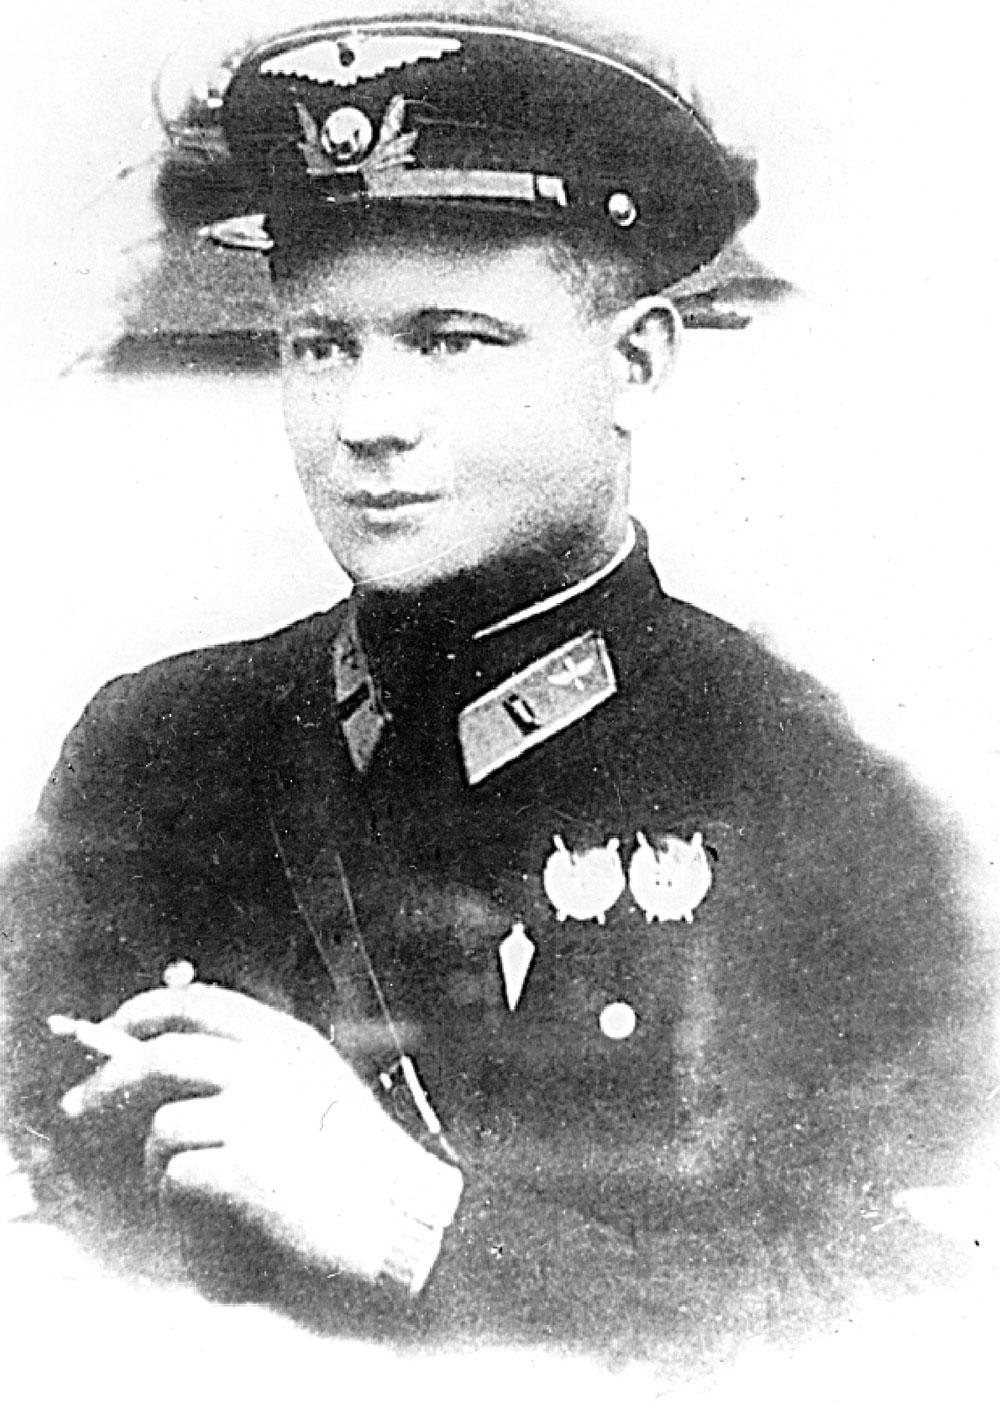 Лётчик накануне Великой Отечественной войны.